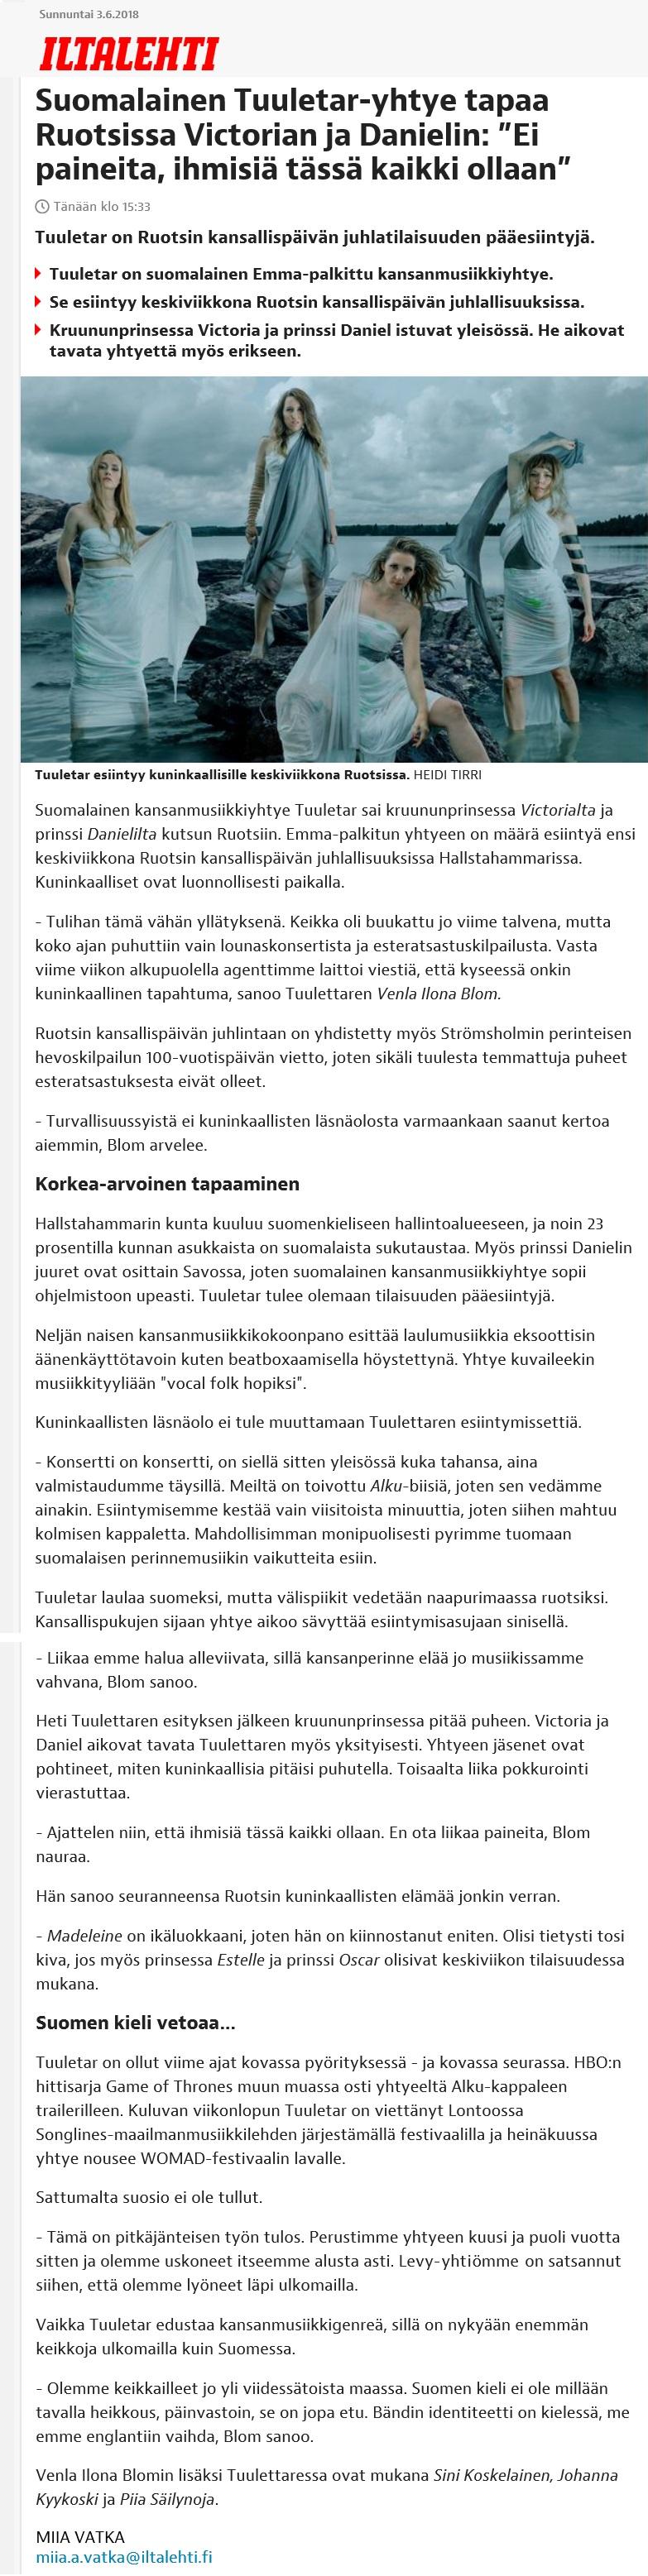 Iltalehti, 3.6.2018